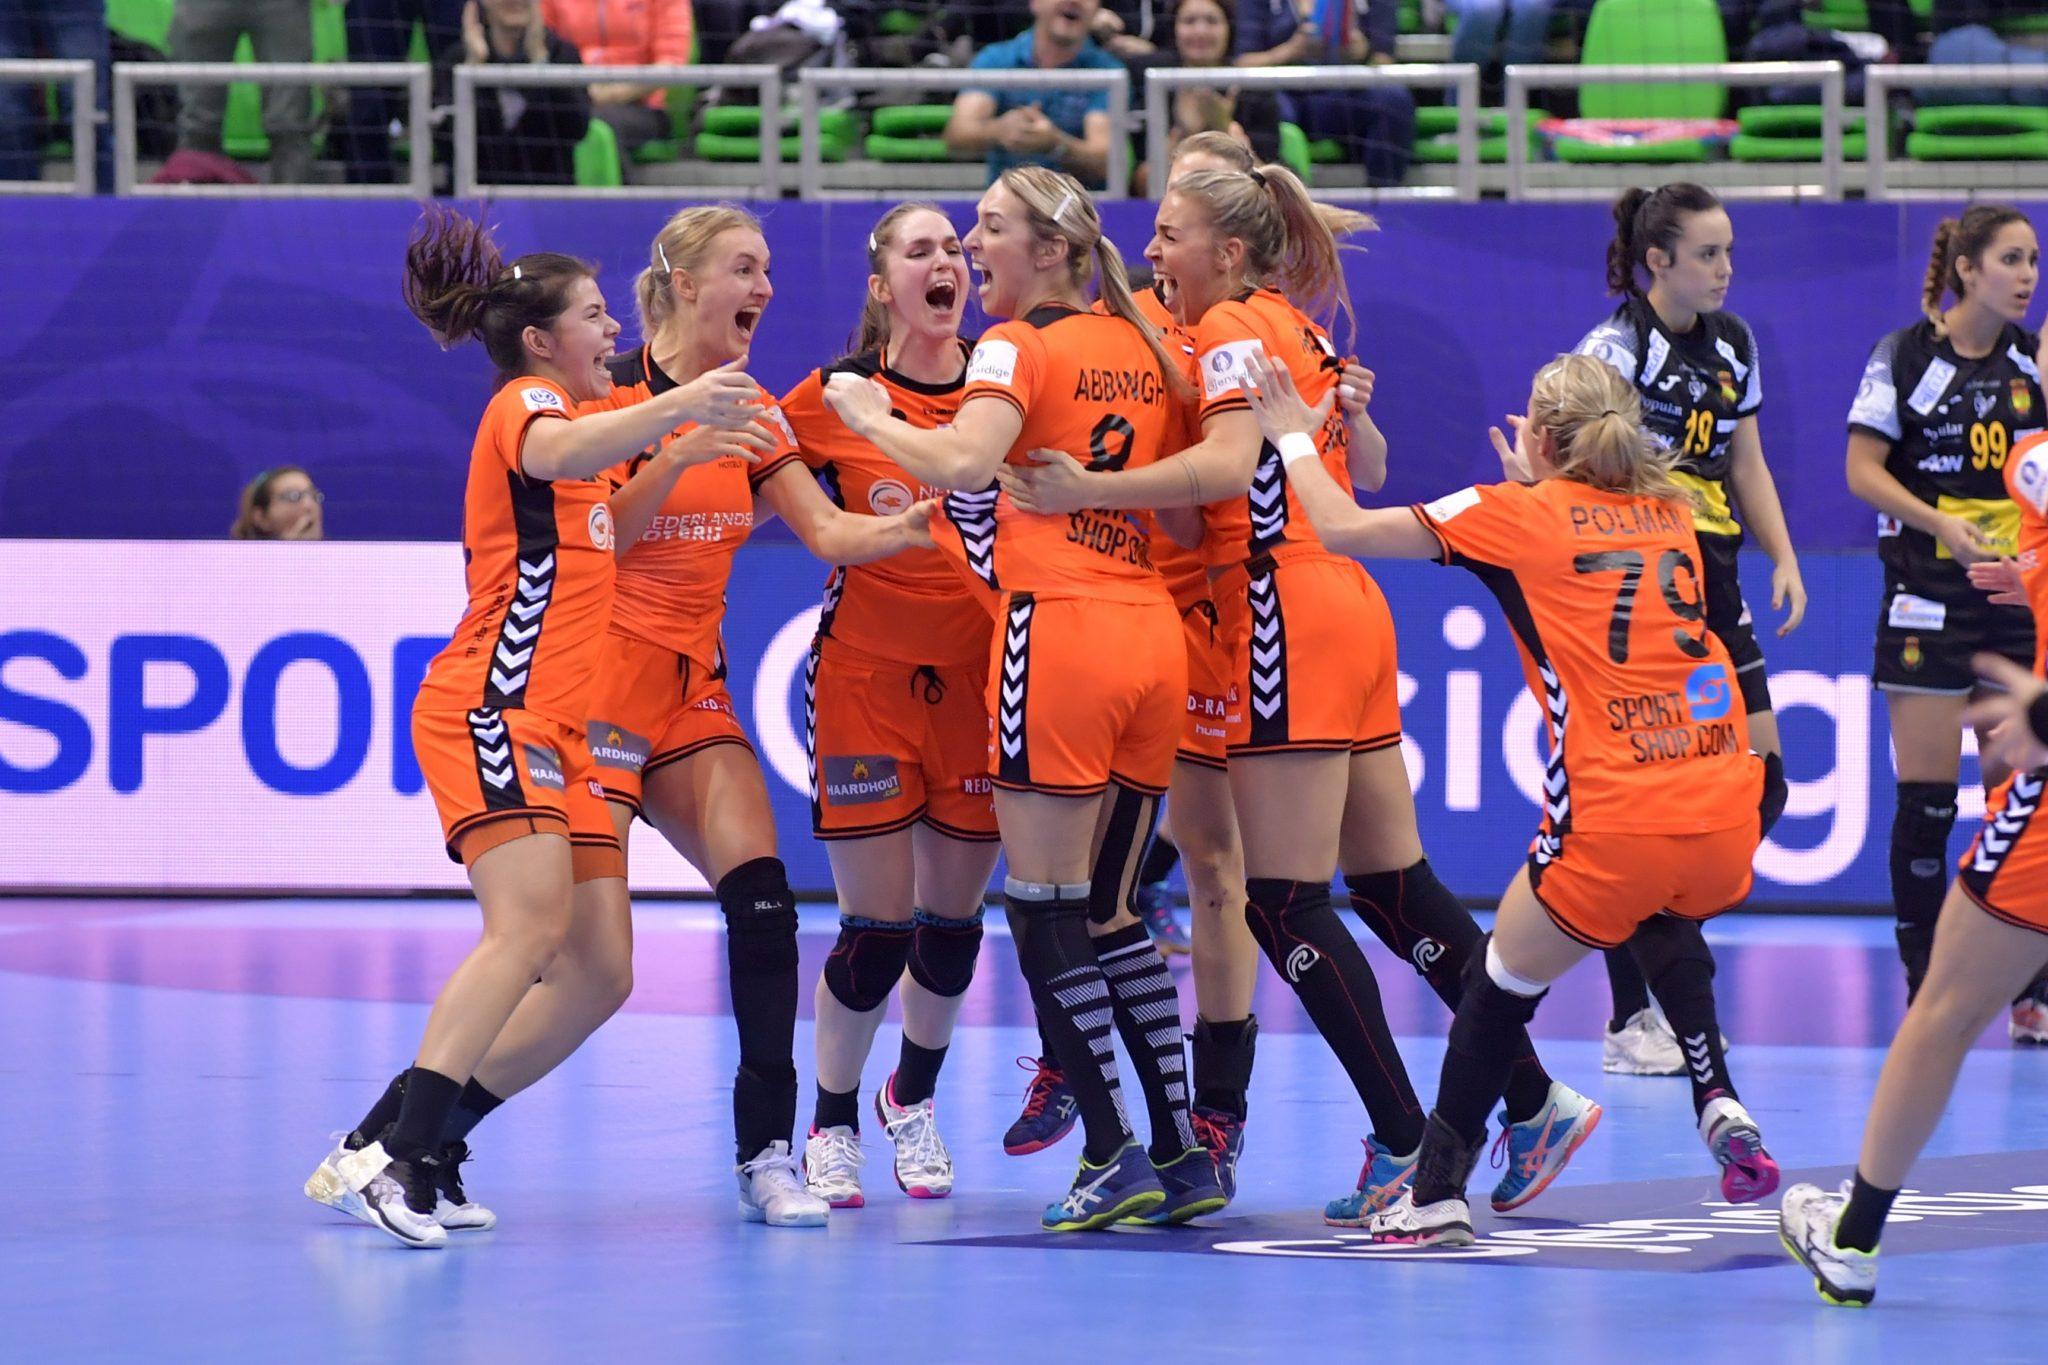 Handbal Dames Winst Tegen Spanje